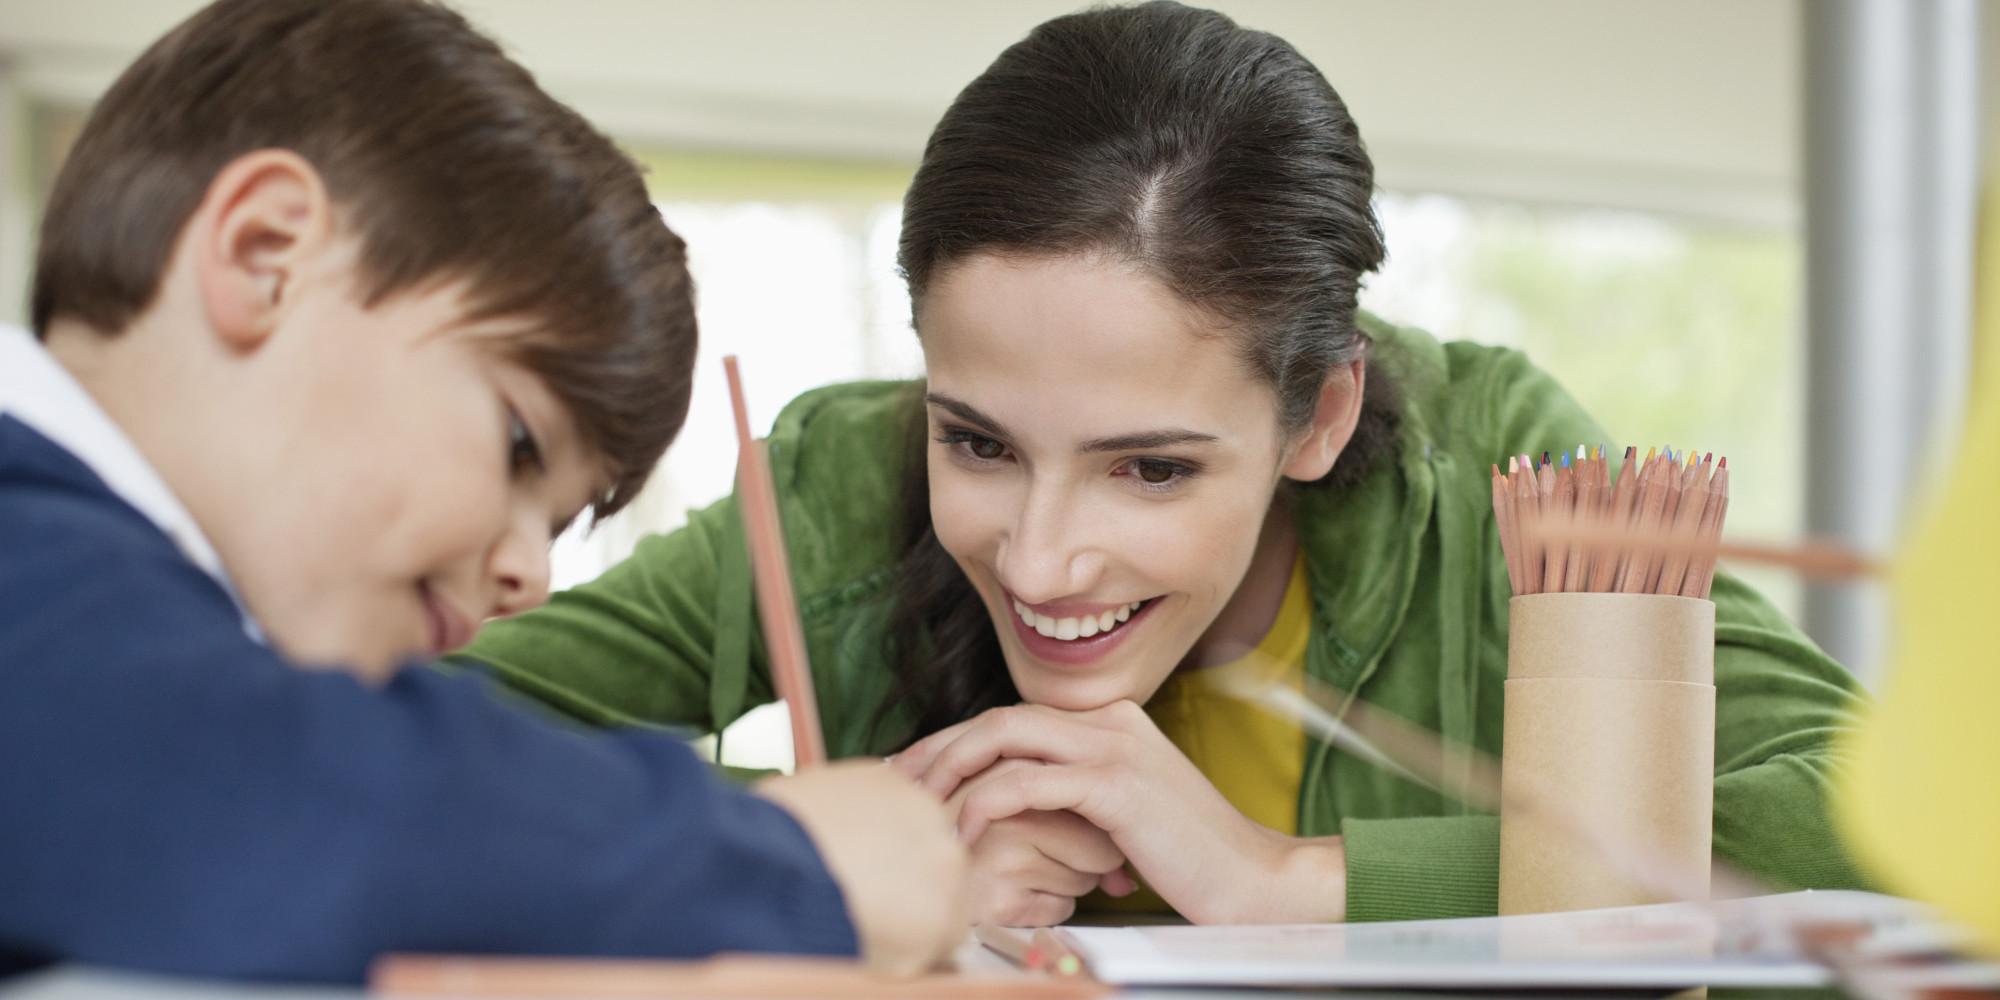 Dissertation On Boys Underachievement